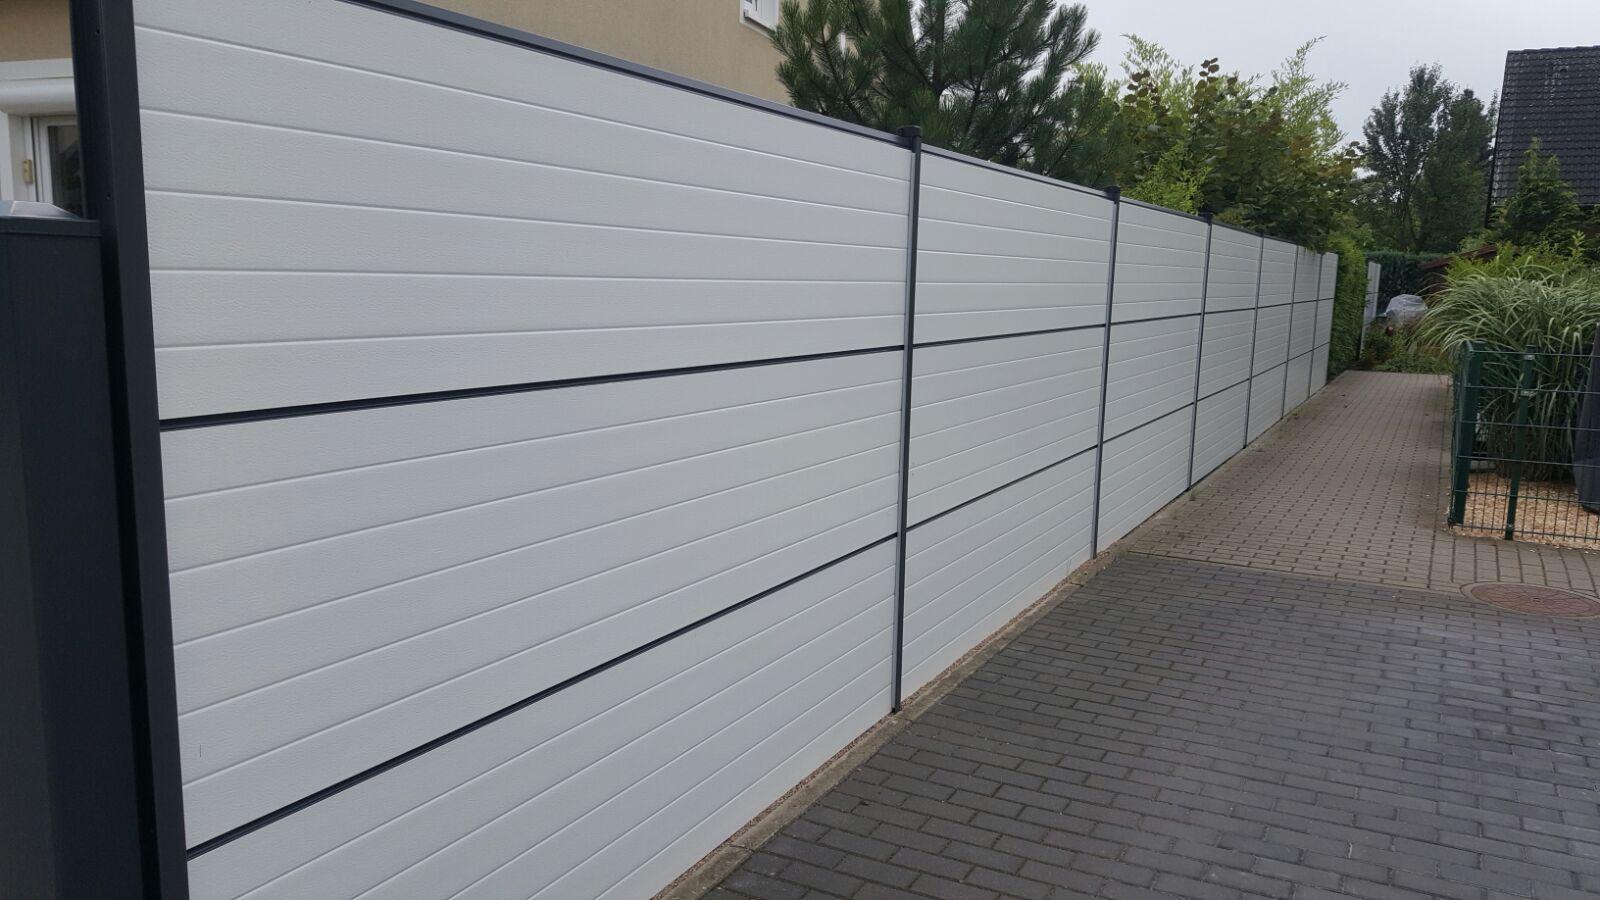 Faszinierend Loewe Zaun Beste Wahl Verzichten Sie Nicht Auf Sicht- Und Lärmschutz!